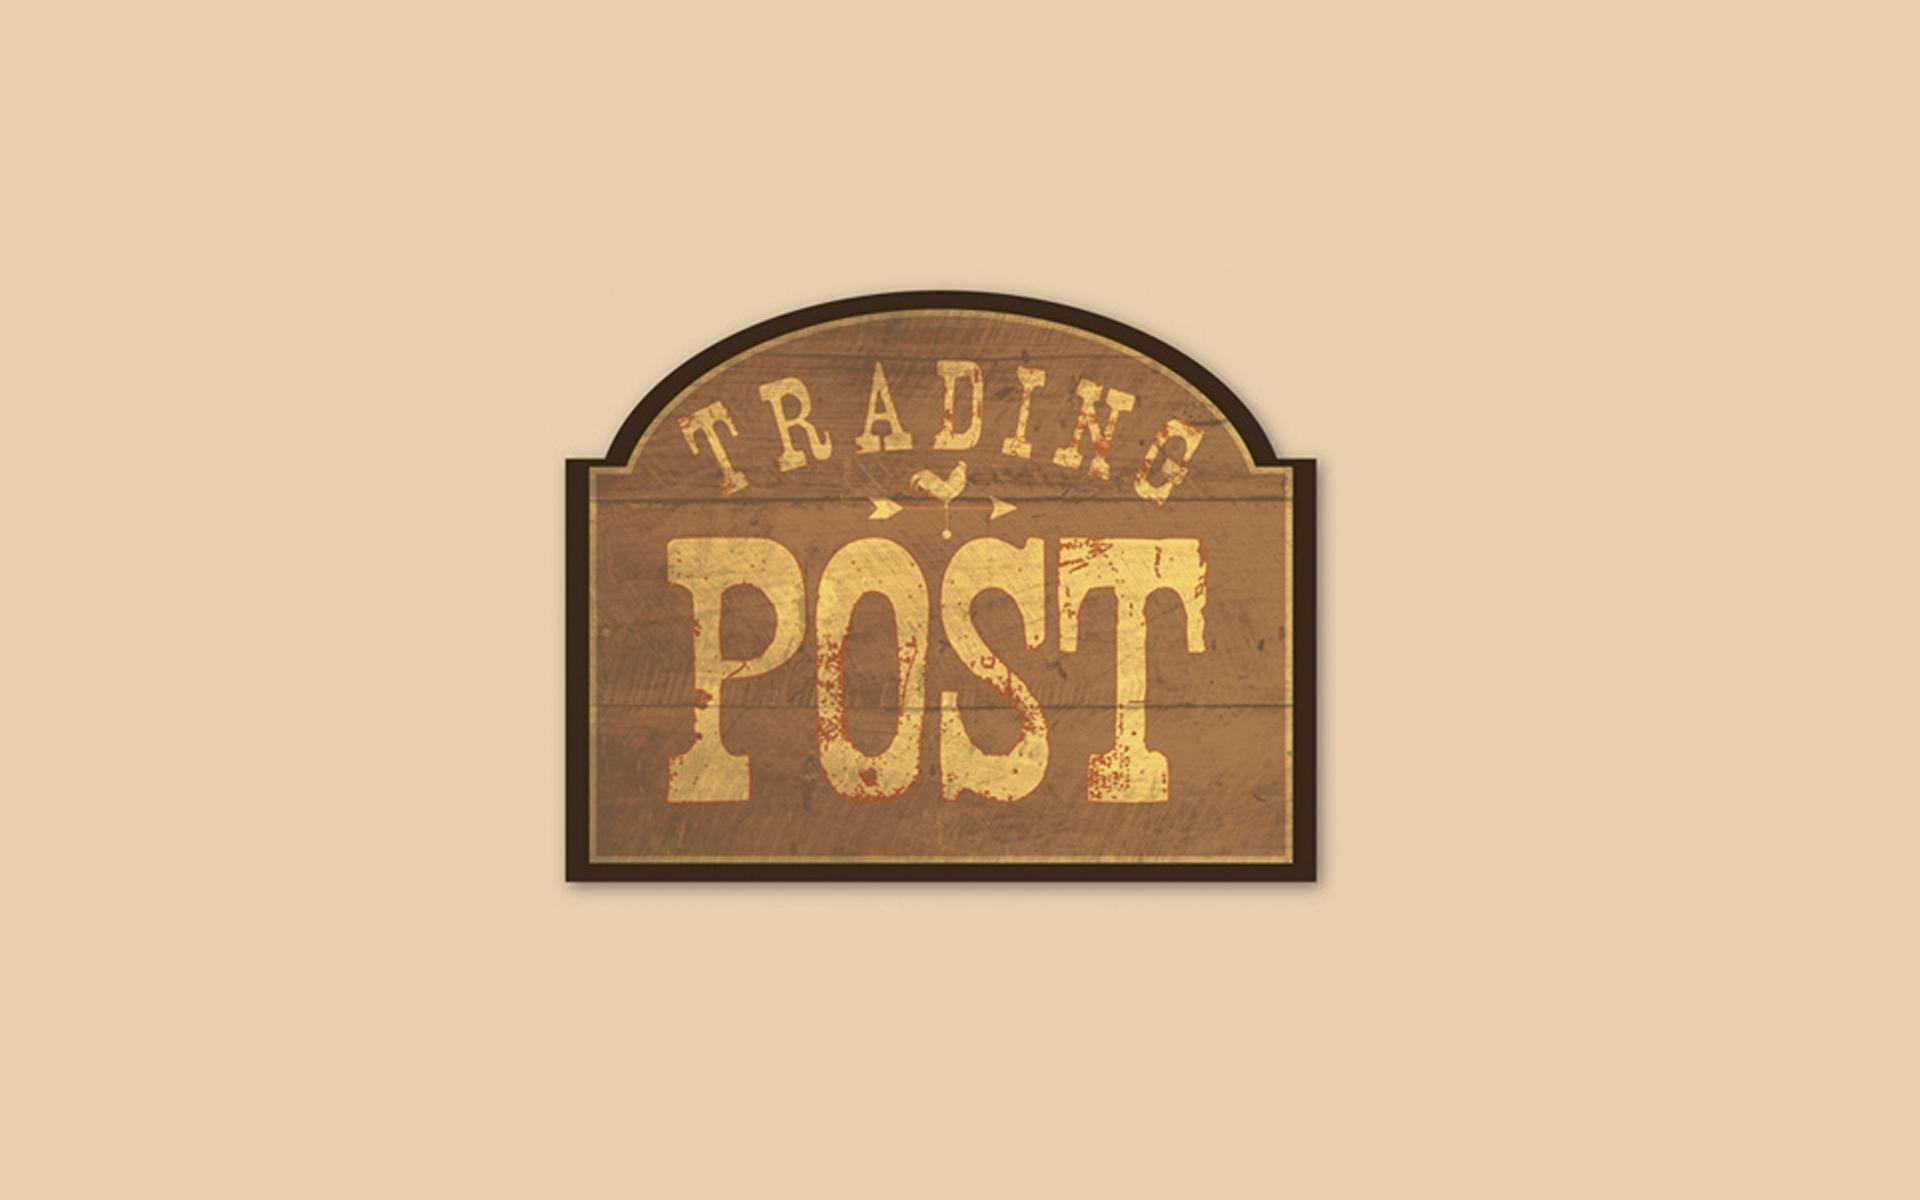 Trading Post Slide